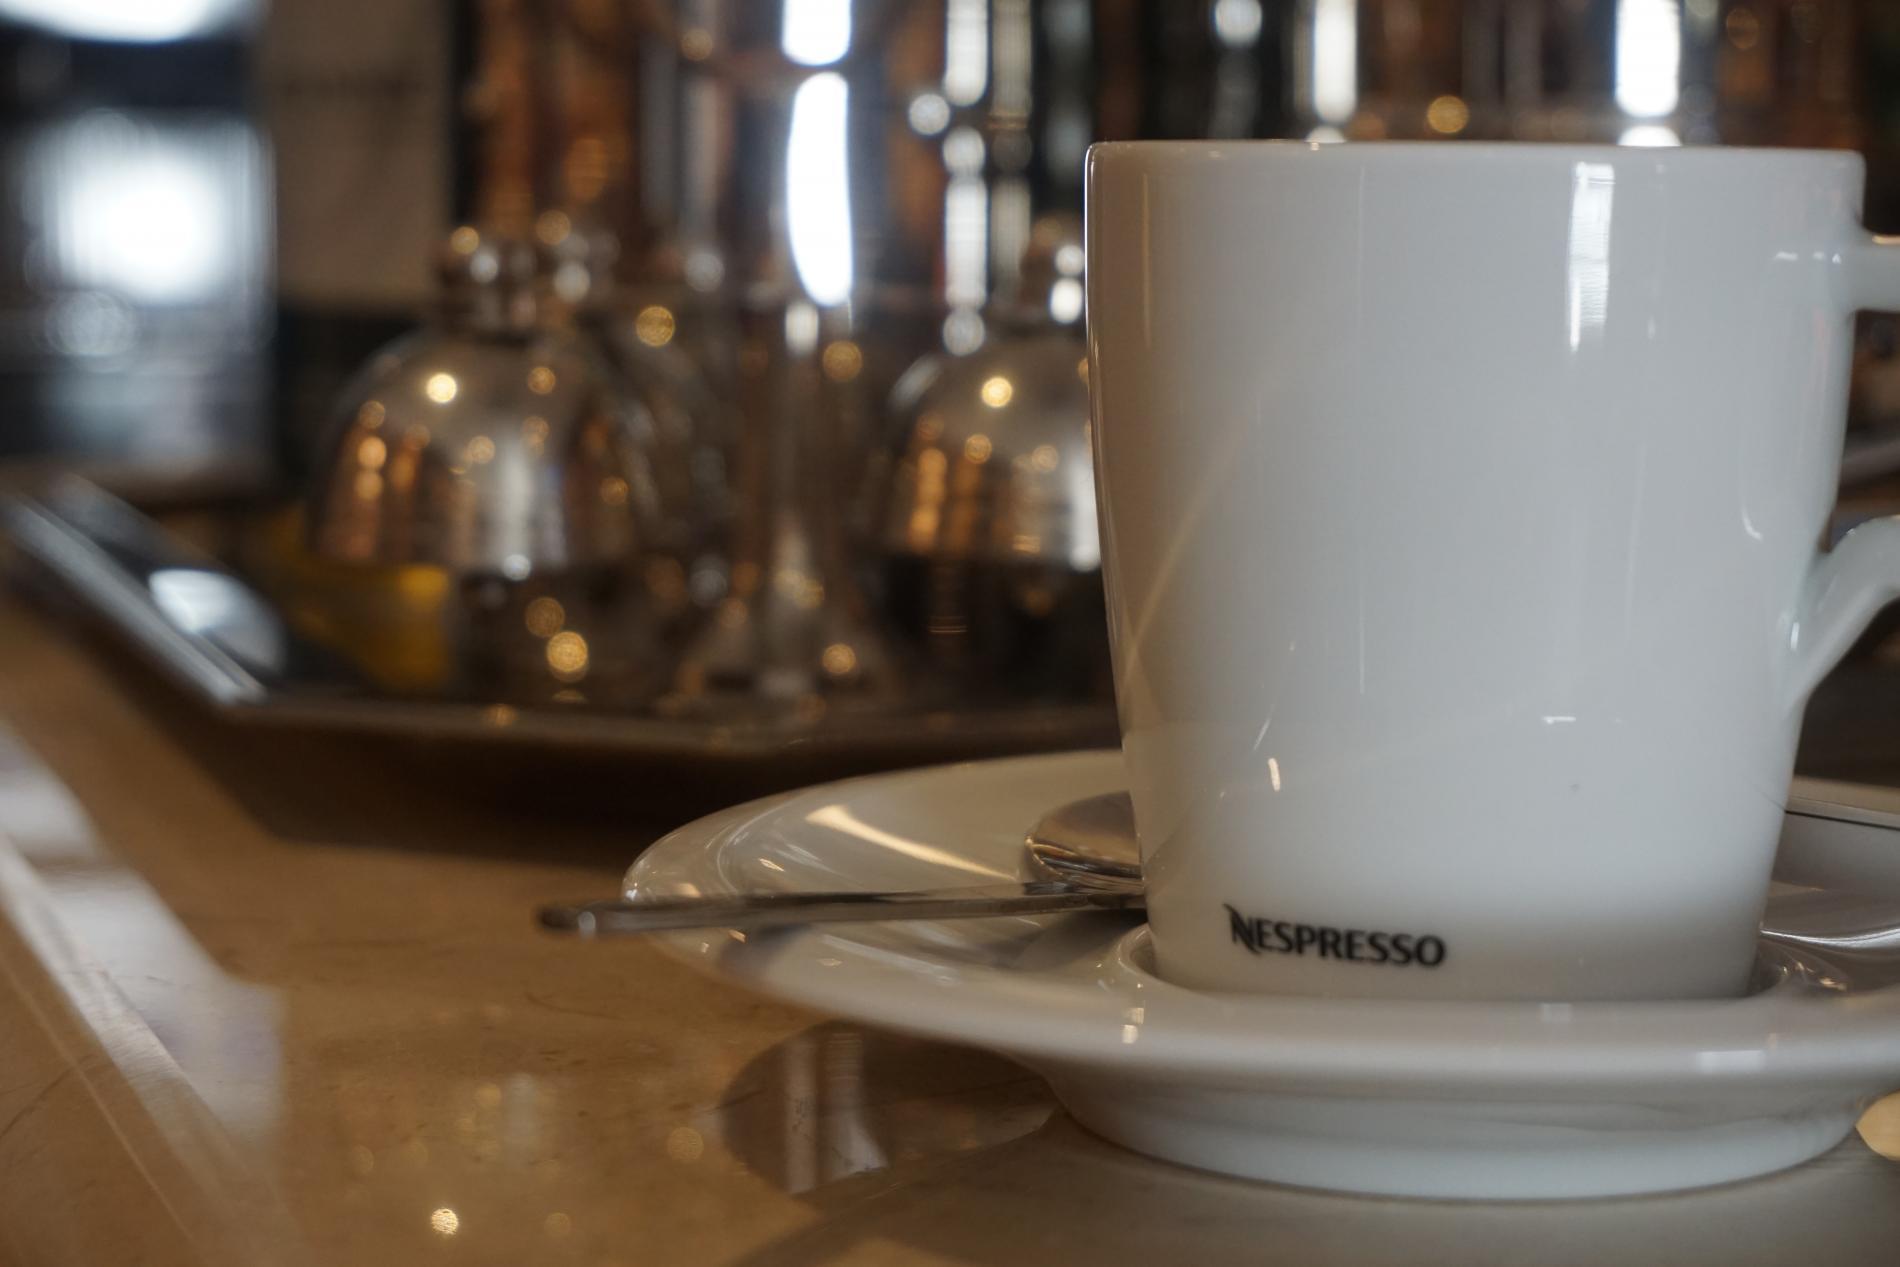 13 exceptional Grand Crus Nespresso at the Bar de la Couronne